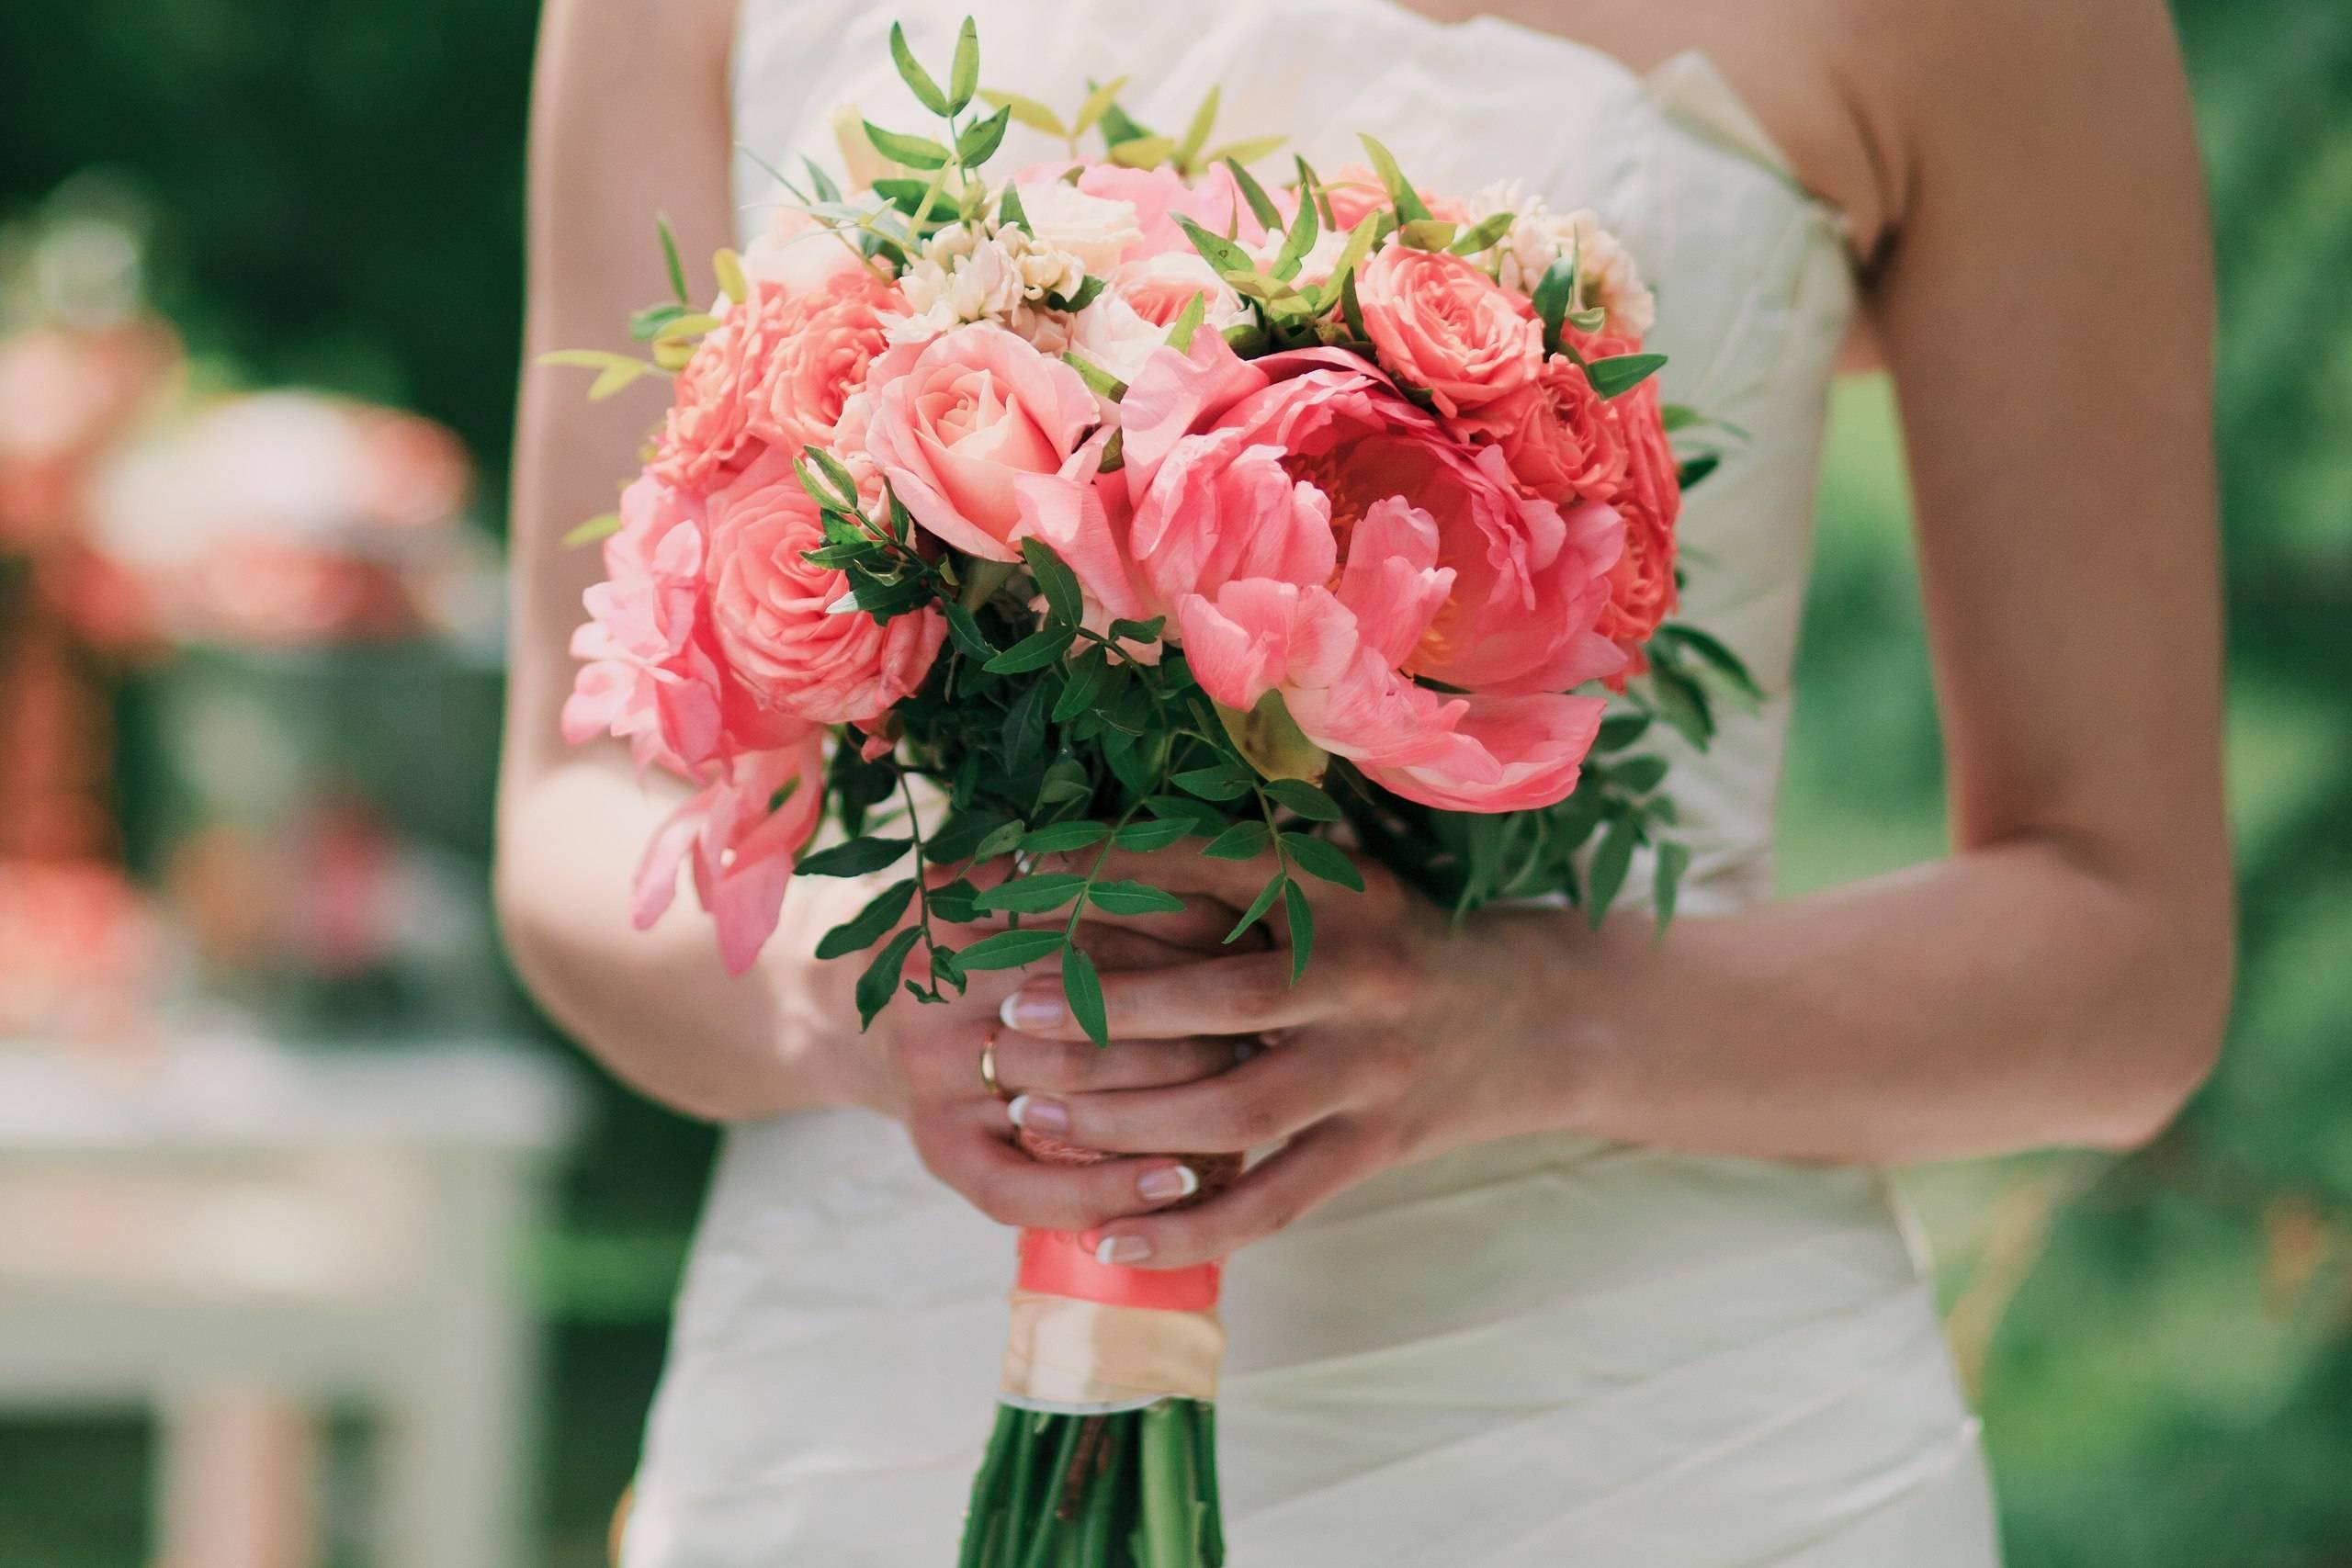 Необычные свадебные букеты (53 фото): самые яркие букеты из живых цветов на свадьбу невесте